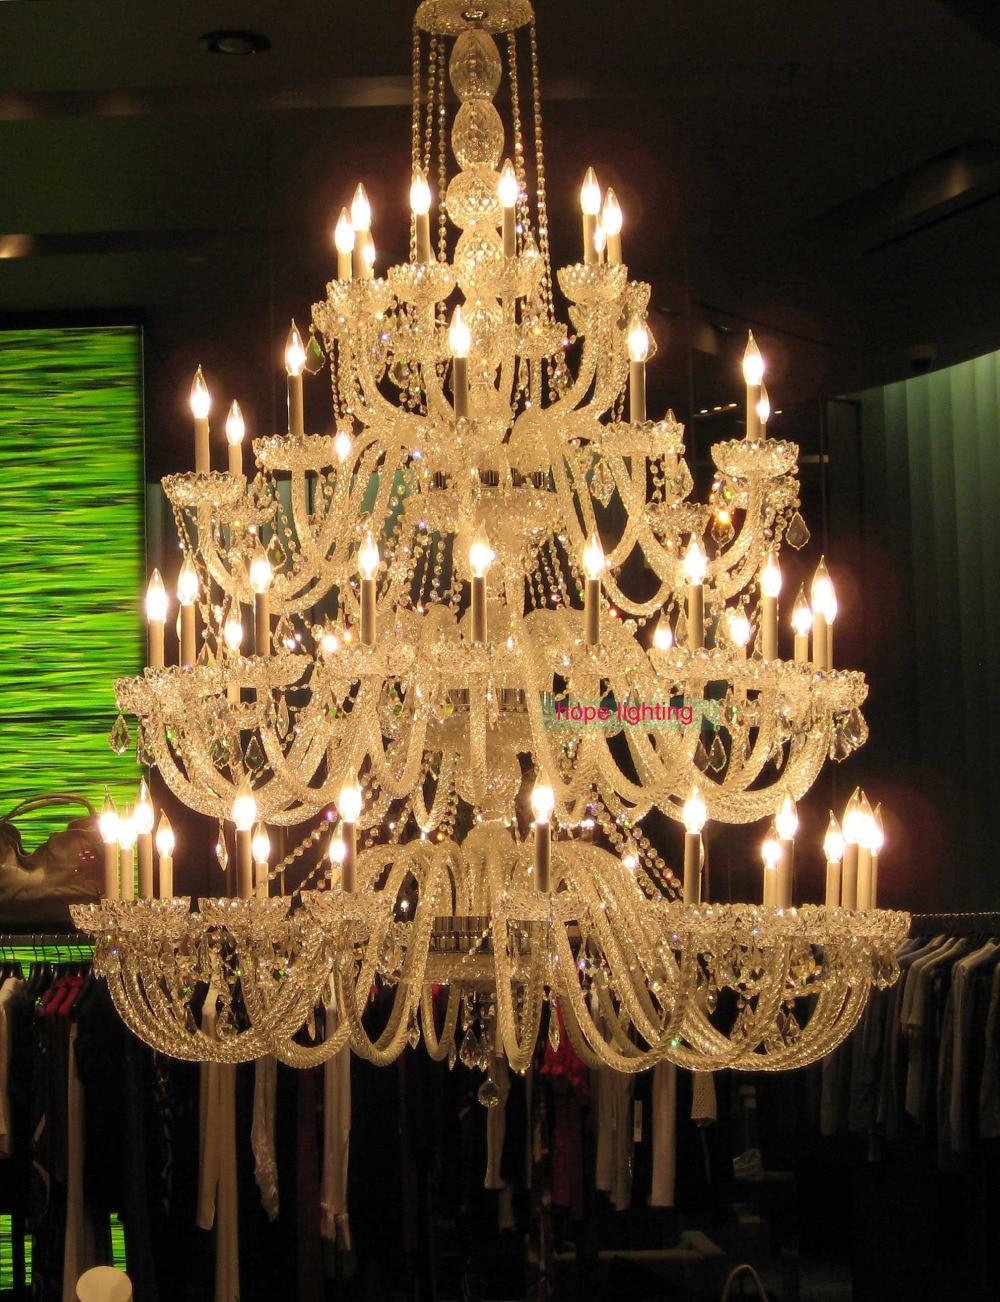 bohém kristálycsillár a szállodaprojekthez kortárs üvegcsillár - Beltéri világítás - Fénykép 1